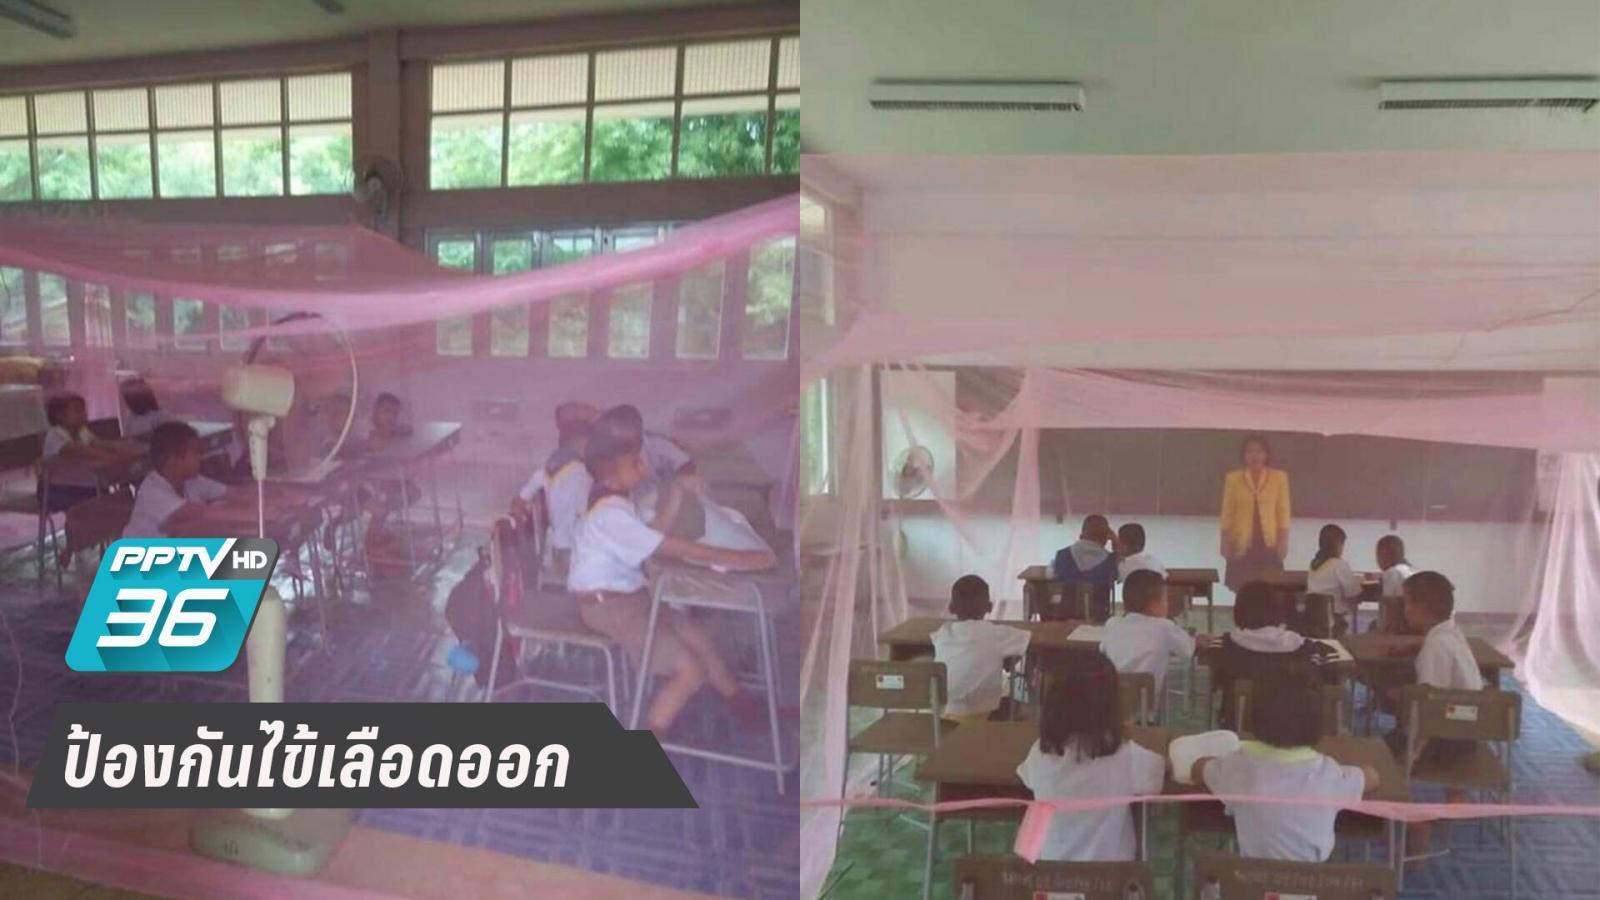 ไข้เลือดออกระบาด! ครูกางมุ้งในห้องเรียน ป้องเด็กนักเรียนถูกยุงกัด